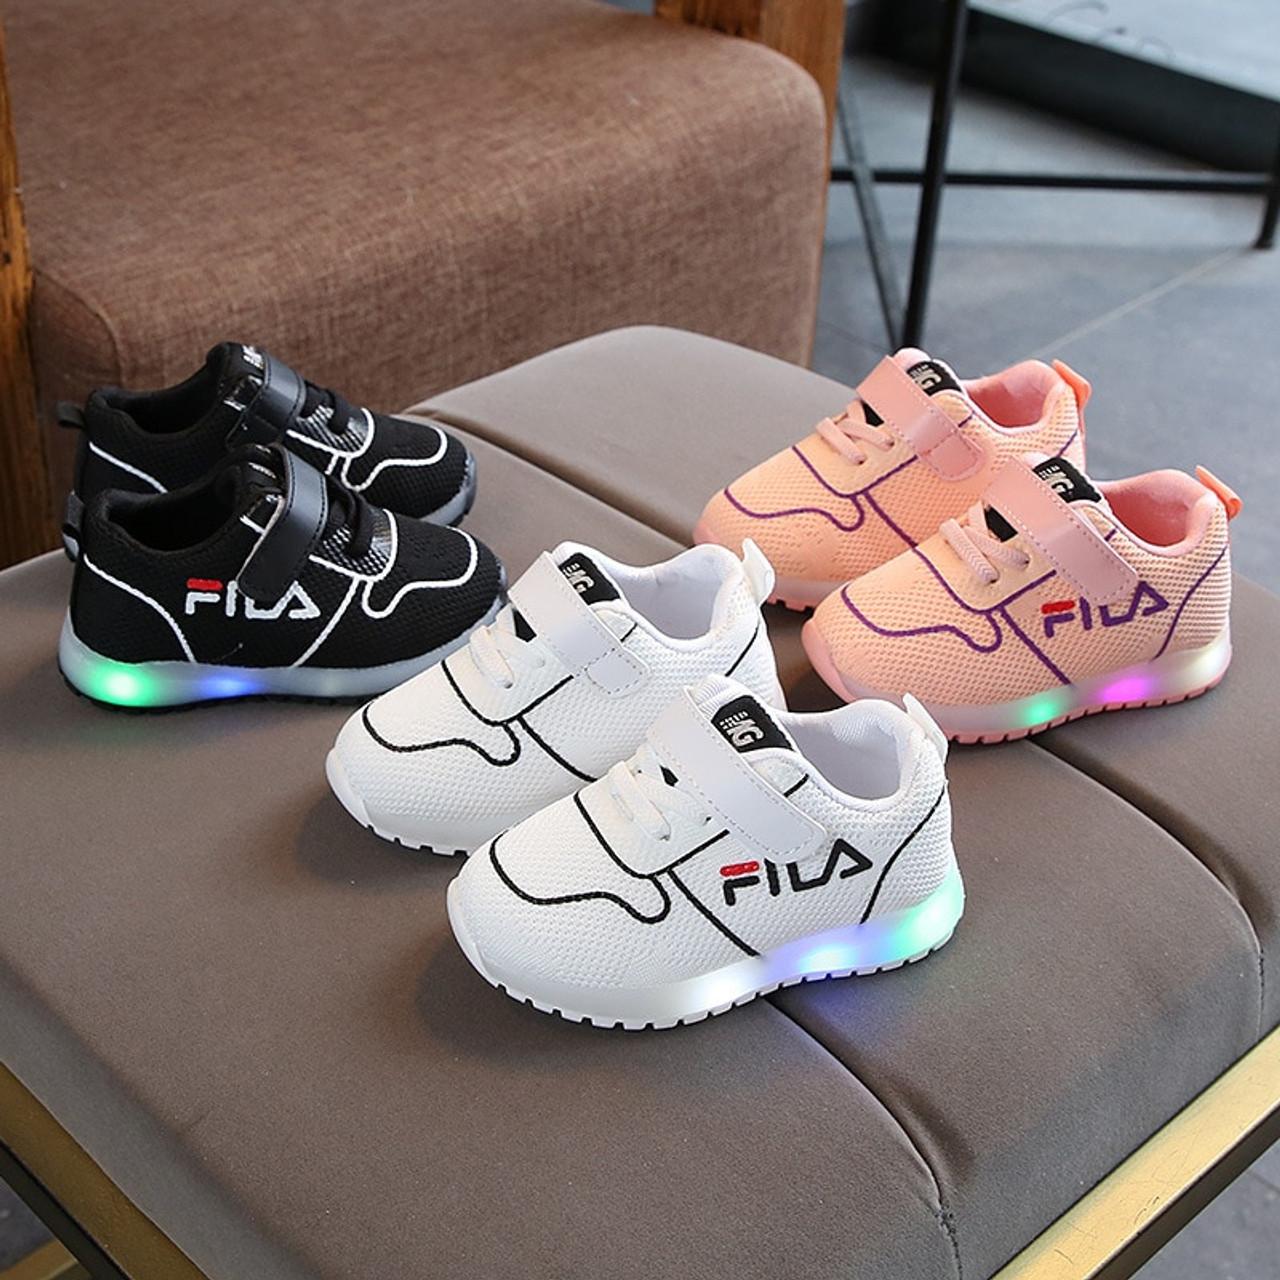 Baby Shoes European Cartoon Infant Tennis Spider Hook*loop Baby First Walkers Cool Cute Baby Sneakers Lovely Girls Boys Shoes Footwear